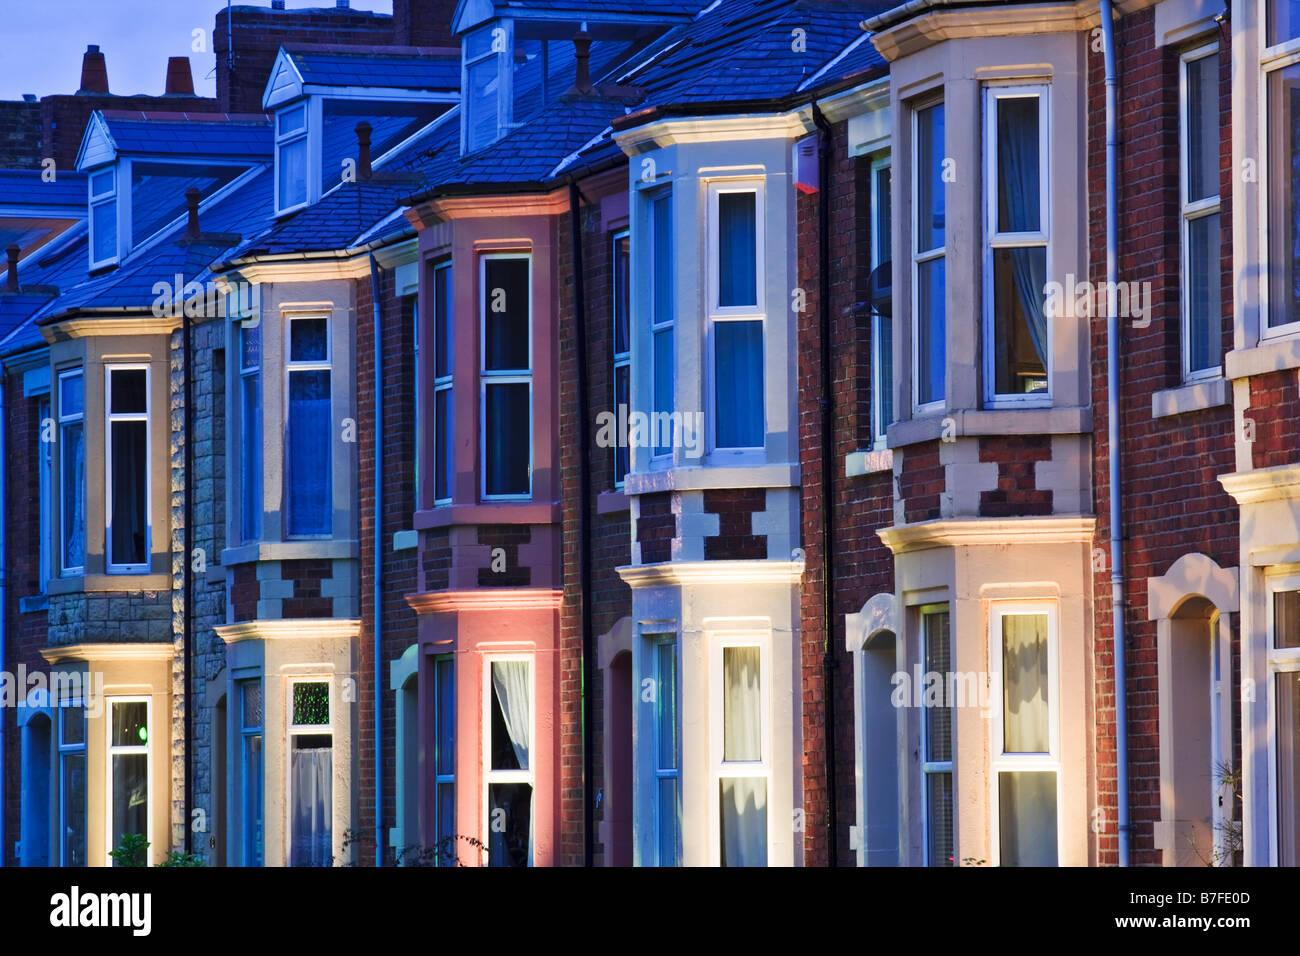 Terrassenförmig angelegten Gehäuse im Stil der 1930er Jahre auf Belgrave Crescent gegenüber Ridley Park in Blyth Stockfoto